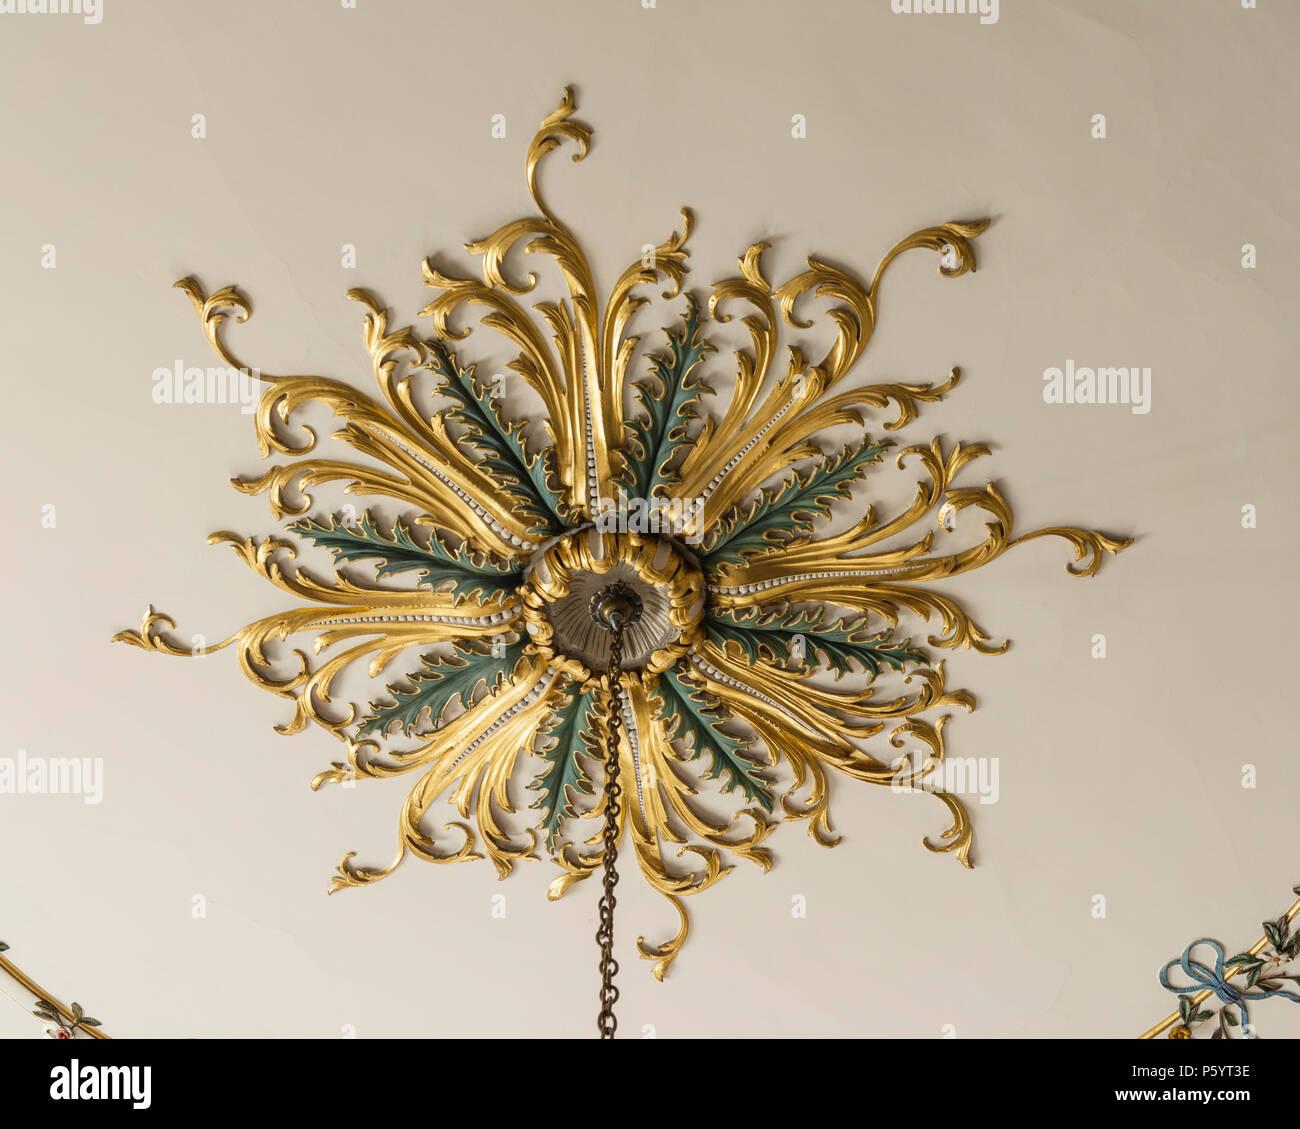 ornate-ceiling-rose-P5YT3E.jpg